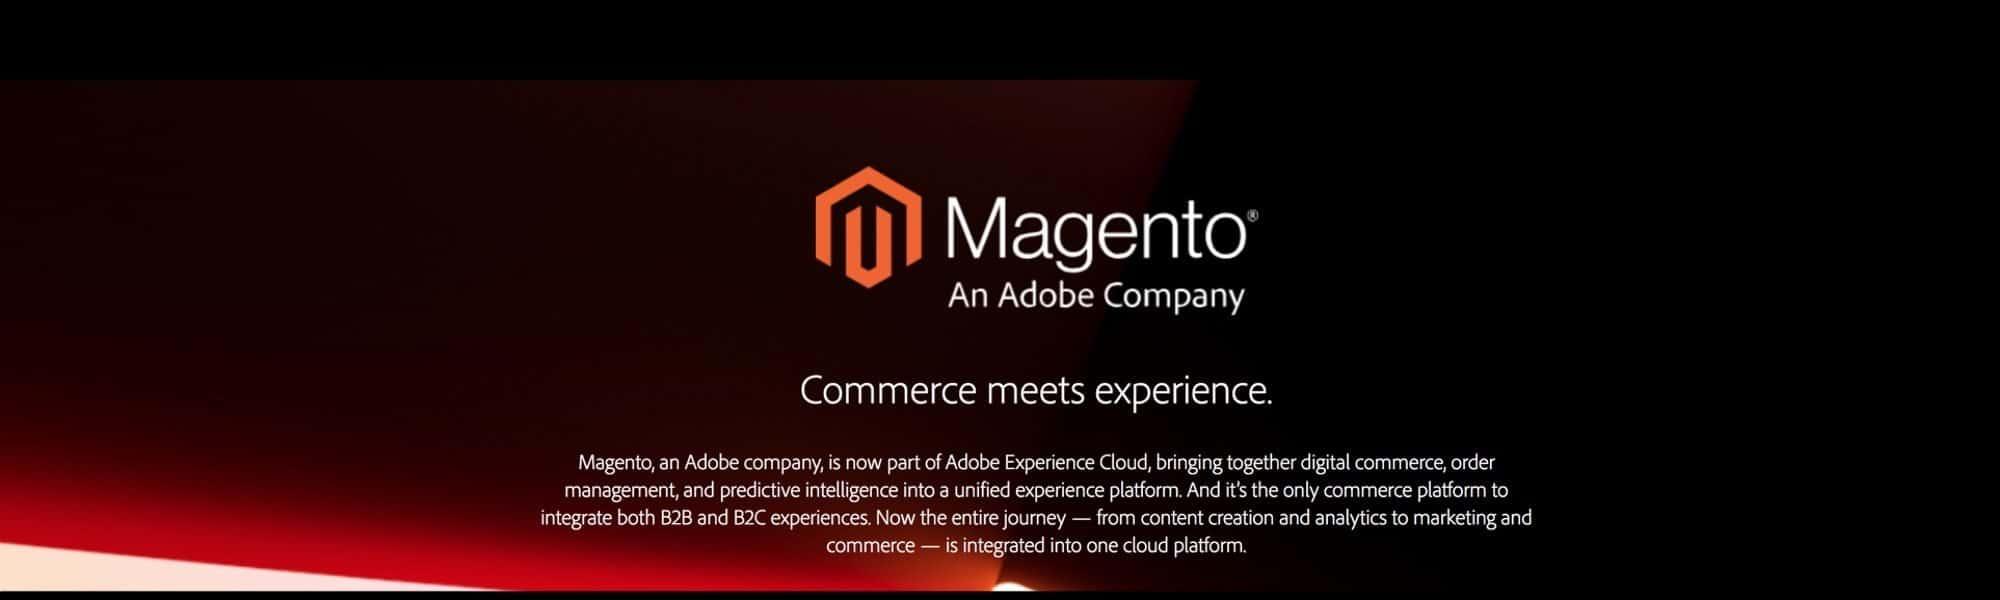 Adobe compra Magento: consecuencias y futuro de la plataforma ecommerce B2B y B2C líder